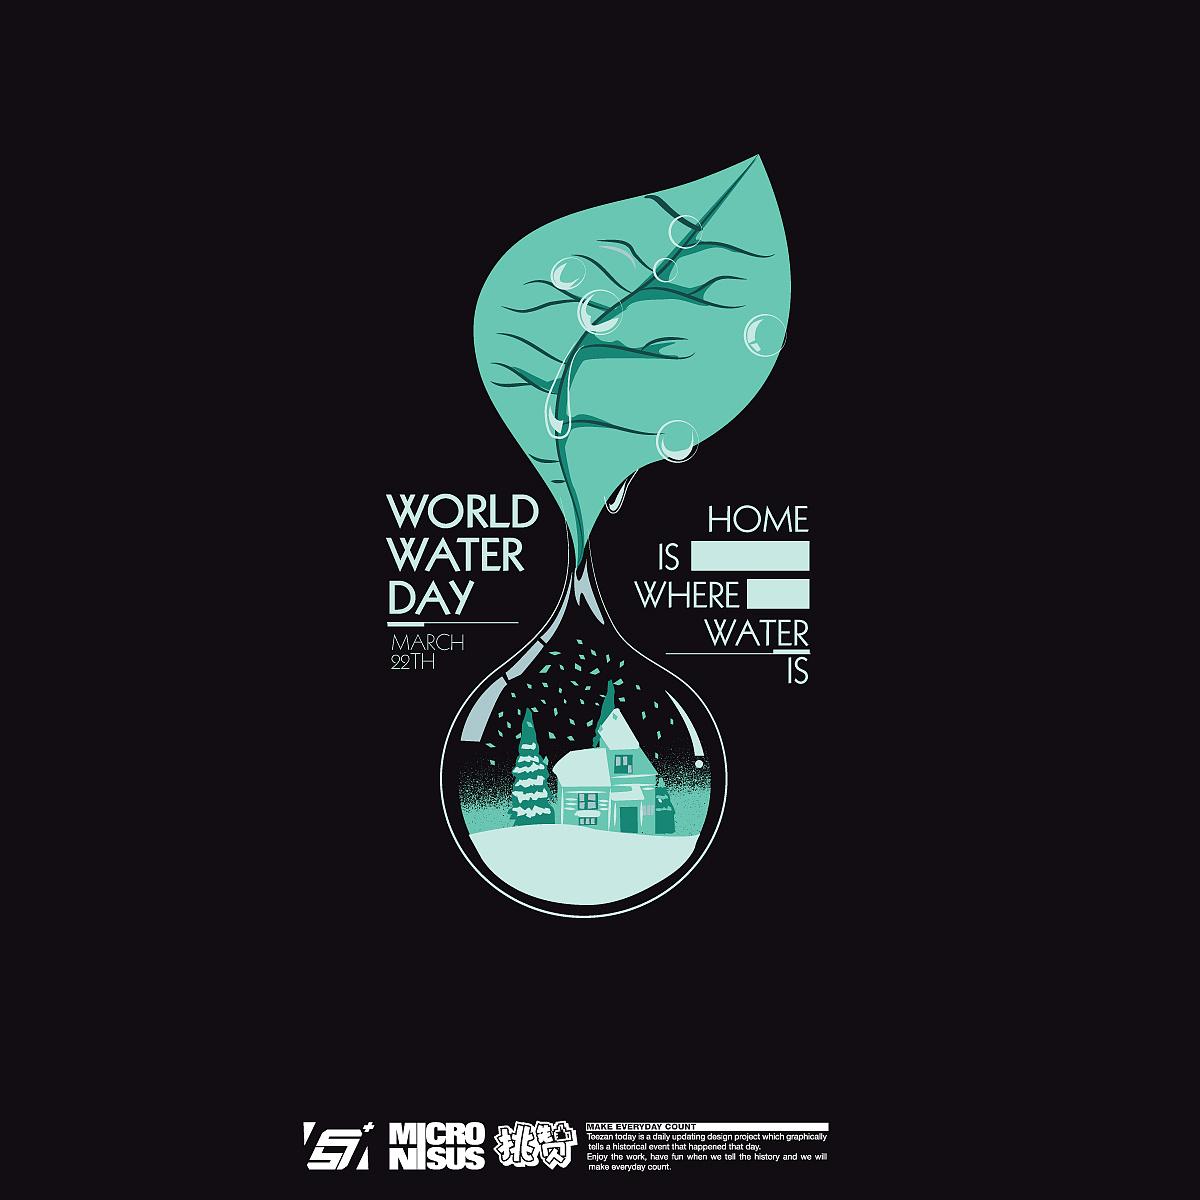 世界水日_关于3月22日世界水日的新消息与评论